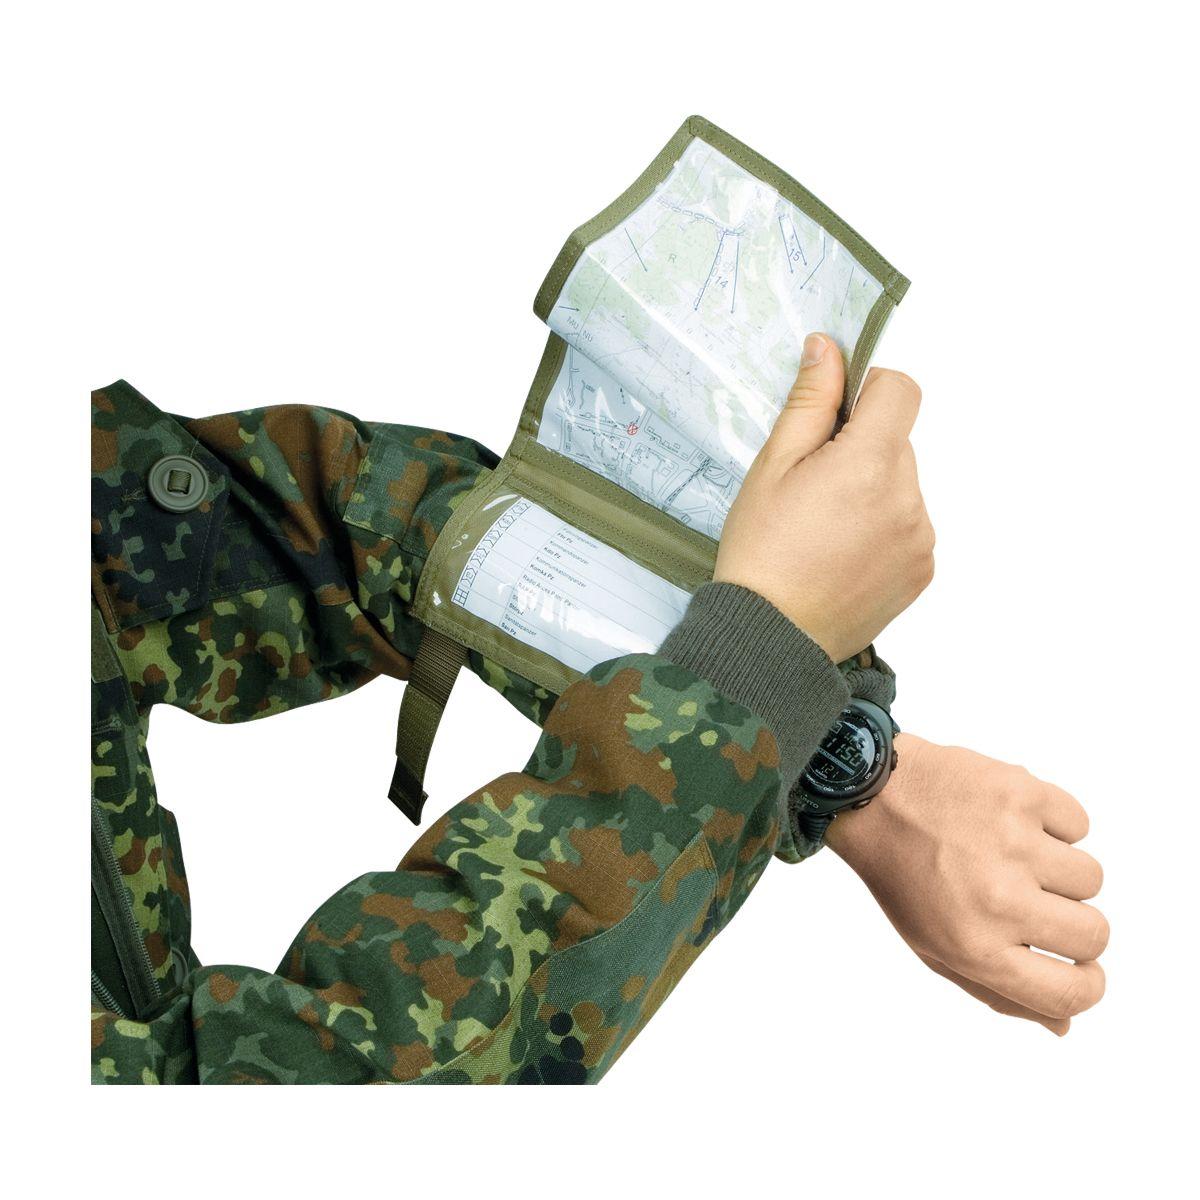 Крепление для планшета на руку своими руками